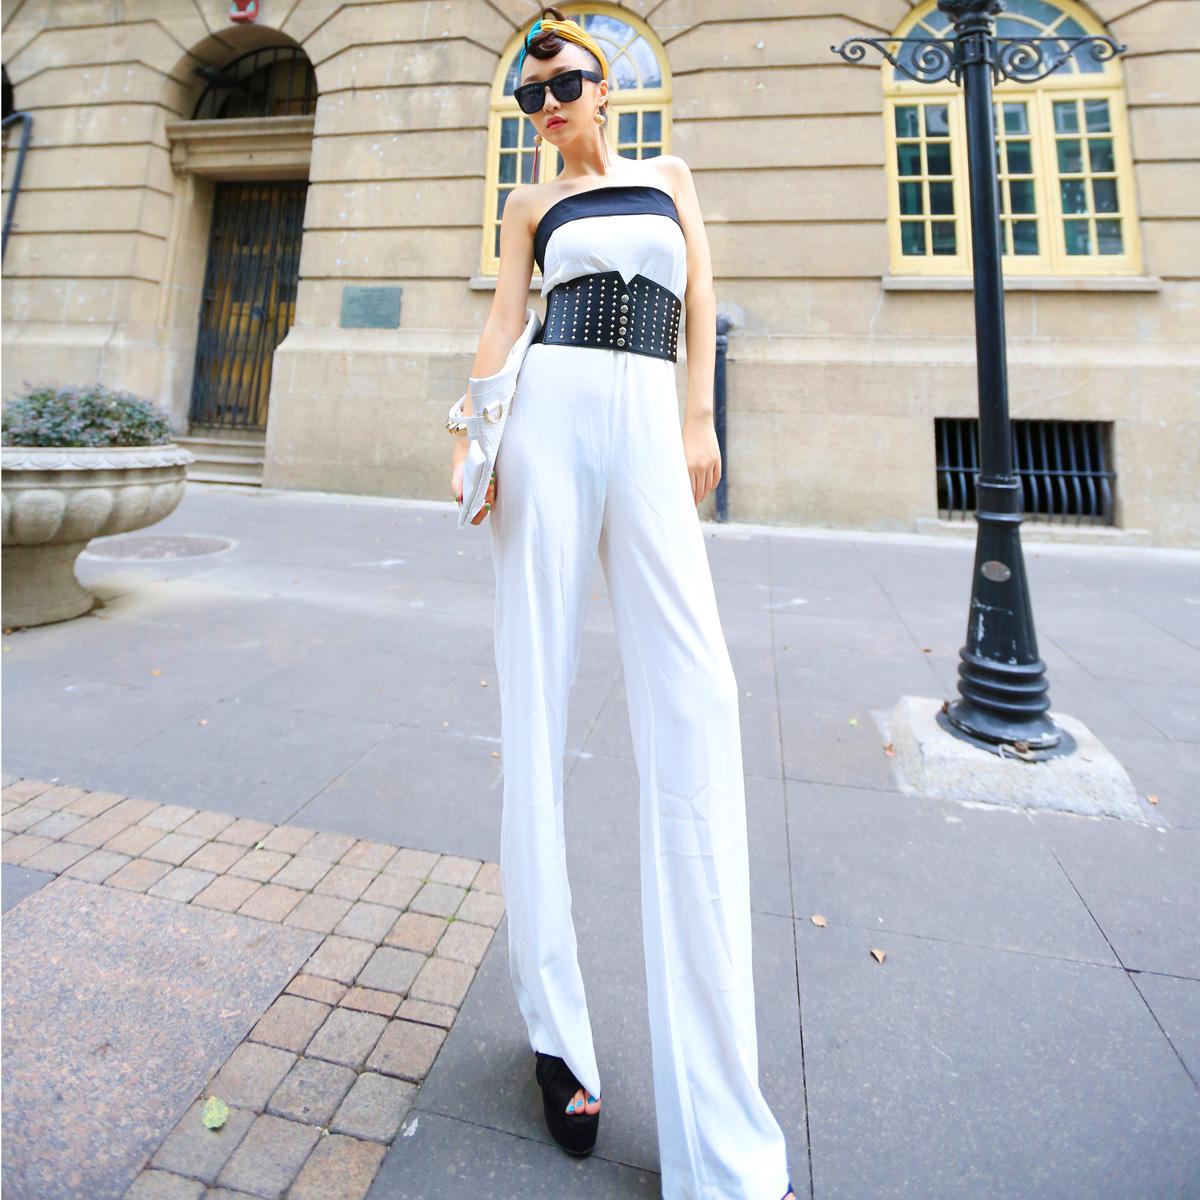 Женские брюки Европейский громкое имя дизайн супер темпераментом, тонкая трубка Топ широкий ноги цельный ремень талии Костюм